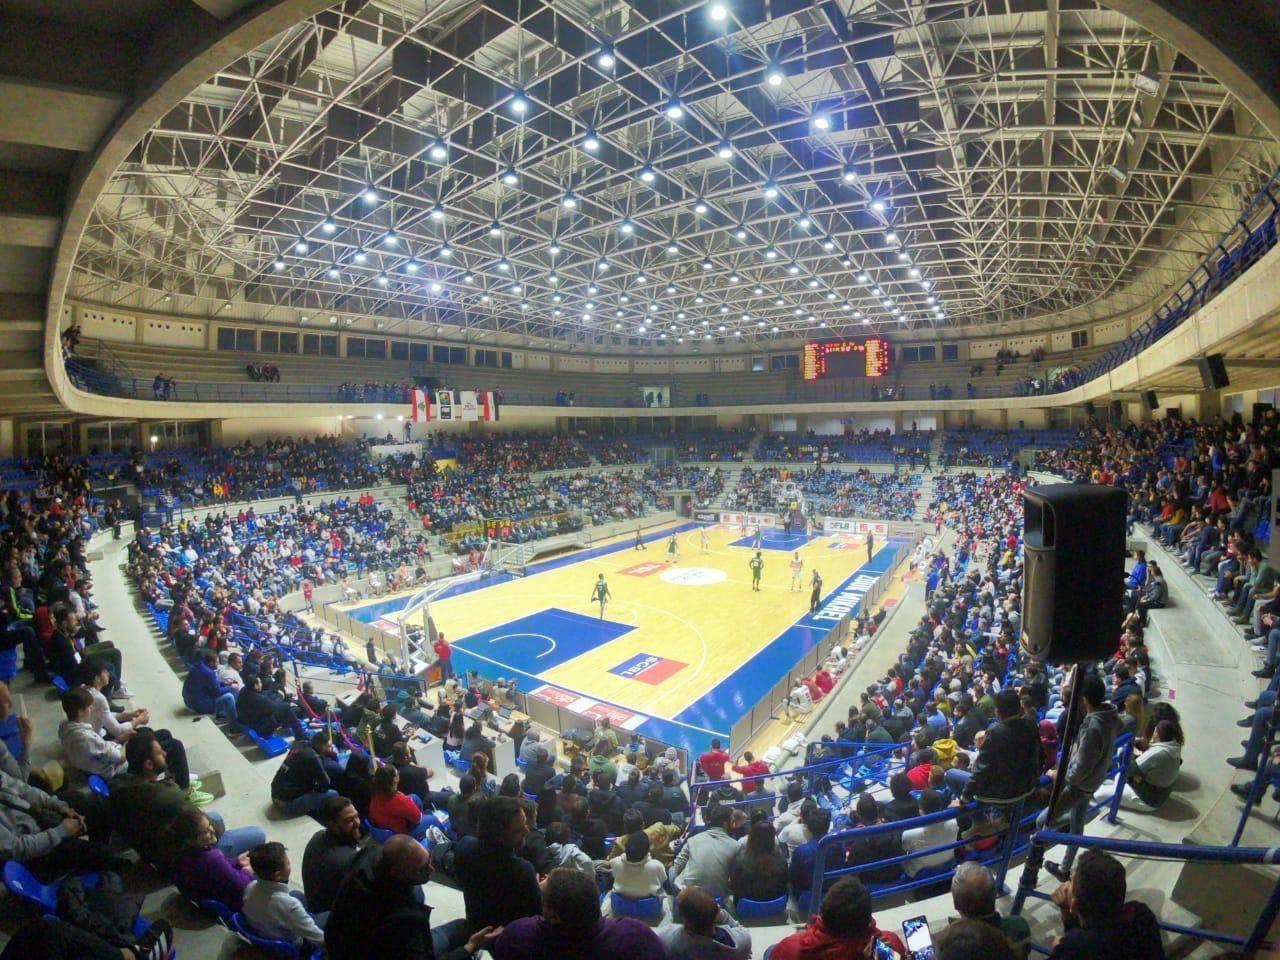 مباراة للمنتخب اللبناني لكرة السلة (إسماعيل عبود)